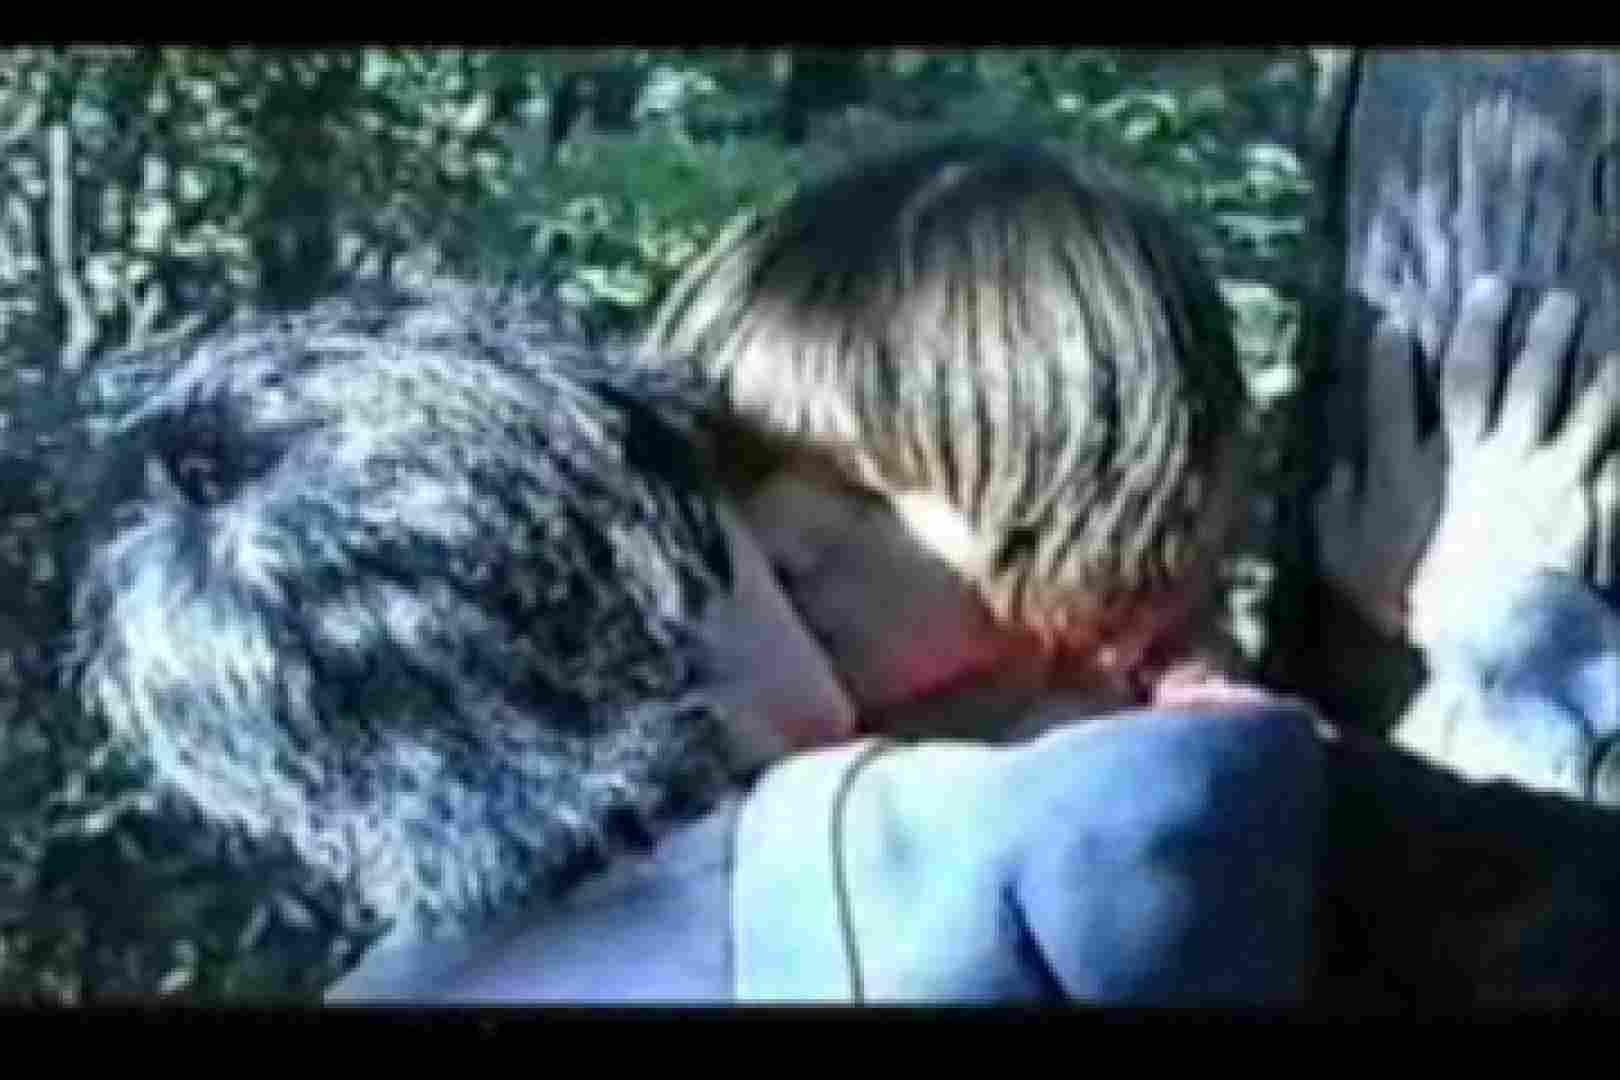 オールドゲイシリーズ  美少年ひかるのオープンファック イケメン  106pic 74